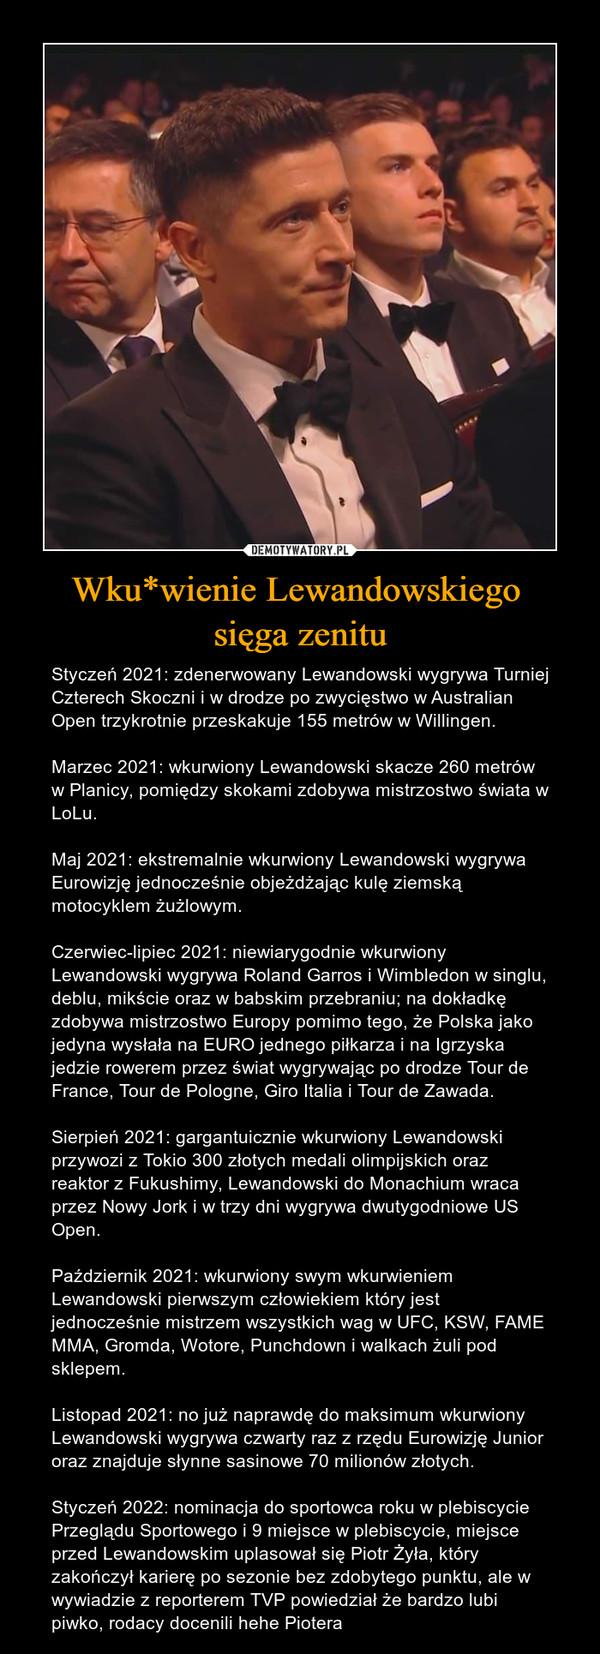 Wku*wienie Lewandowskiego sięga zenitu – Styczeń 2021: zdenerwowany Lewandowski wygrywa Turniej Czterech Skoczni i w drodze po zwycięstwo w Australian Open trzykrotnie przeskakuje 155 metrów w Willingen.Marzec 2021: wkurwiony Lewandowski skacze 260 metrów w Planicy, pomiędzy skokami zdobywa mistrzostwo świata w LoLu.Maj 2021: ekstremalnie wkurwiony Lewandowski wygrywa Eurowizję jednocześnie objeżdżając kulę ziemską motocyklem żużlowym.Czerwiec-lipiec 2021: niewiarygodnie wkurwiony Lewandowski wygrywa Roland Garros i Wimbledon w singlu, deblu, mikście oraz w babskim przebraniu; na dokładkę zdobywa mistrzostwo Europy pomimo tego, że Polska jako jedyna wysłała na EURO jednego piłkarza i na Igrzyska jedzie rowerem przez świat wygrywając po drodze Tour de France, Tour de Pologne, Giro Italia i Tour de Zawada.Sierpień 2021: gargantuicznie wkurwiony Lewandowski przywozi z Tokio 300 złotych medali olimpijskich oraz reaktor z Fukushimy, Lewandowski do Monachium wraca przez Nowy Jork i w trzy dni wygrywa dwutygodniowe US Open.Październik 2021: wkurwiony swym wkurwieniem Lewandowski pierwszym człowiekiem który jest jednocześnie mistrzem wszystkich wag w UFC, KSW, FAME MMA, Gromda, Wotore, Punchdown i walkach żuli pod sklepem.Listopad 2021: no już naprawdę do maksimum wkurwiony Lewandowski wygrywa czwarty raz z rzędu Eurowizję Junior oraz znajduje słynne sasinowe 70 milionów złotych.Styczeń 2022: nominacja do sportowca roku w plebiscycie Przeglądu Sportowego i 9 miejsce w plebiscycie, miejsce przed Lewandowskim uplasował się Piotr Żyła, który zakończył karierę po sezonie bez zdobytego punktu, ale w wywiadzie z reporterem TVP powiedział że bardzo lubi piwko, rodacy docenili hehe Piotera